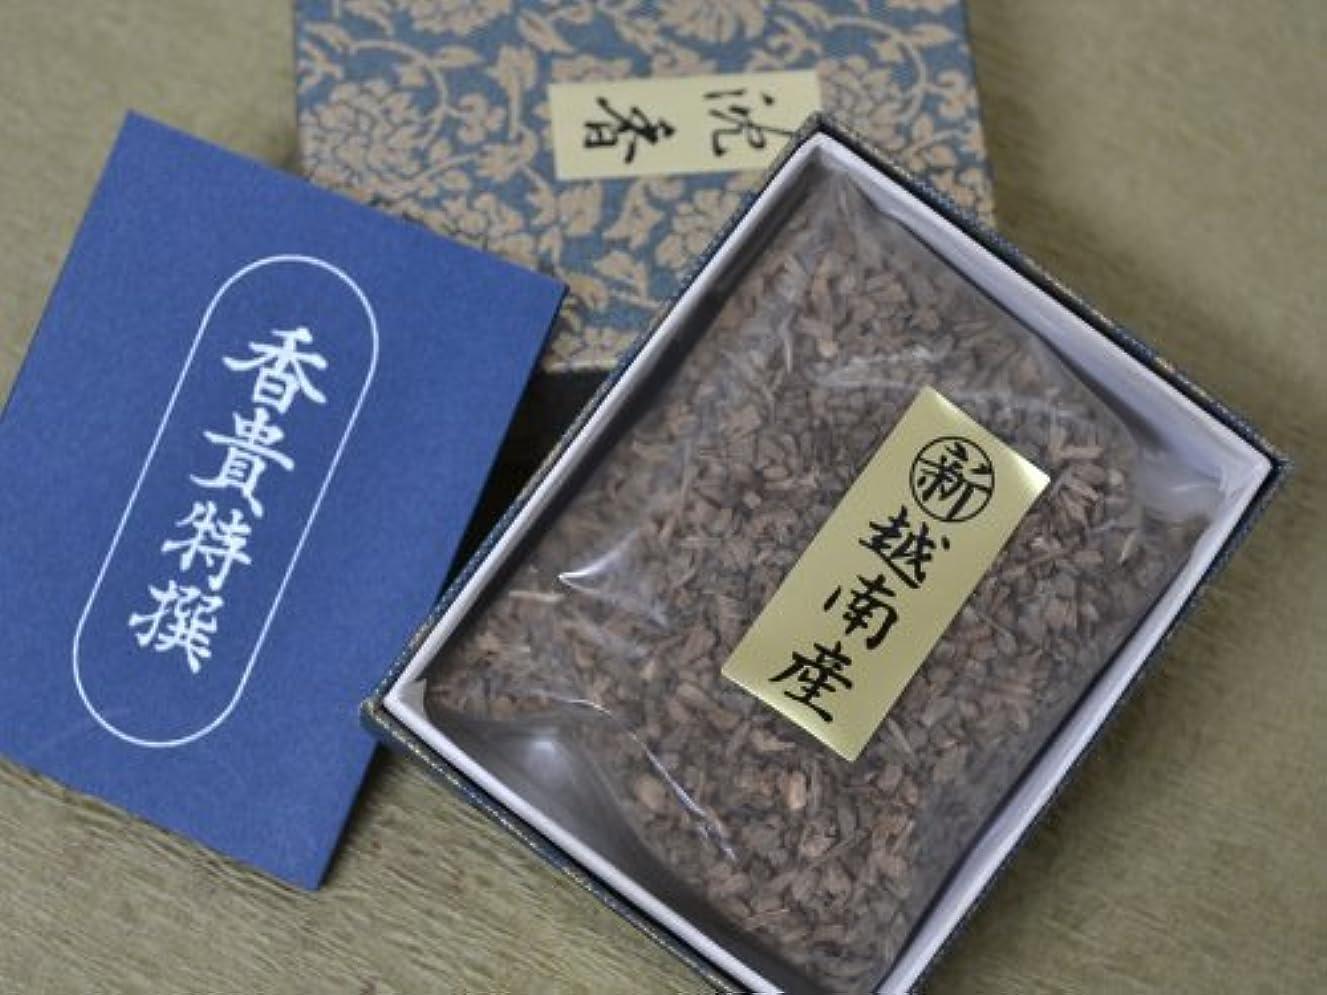 付き添い人望む鮮やかな香木 お焼香 新ベトナム産 沈香 【最高級品】 18g